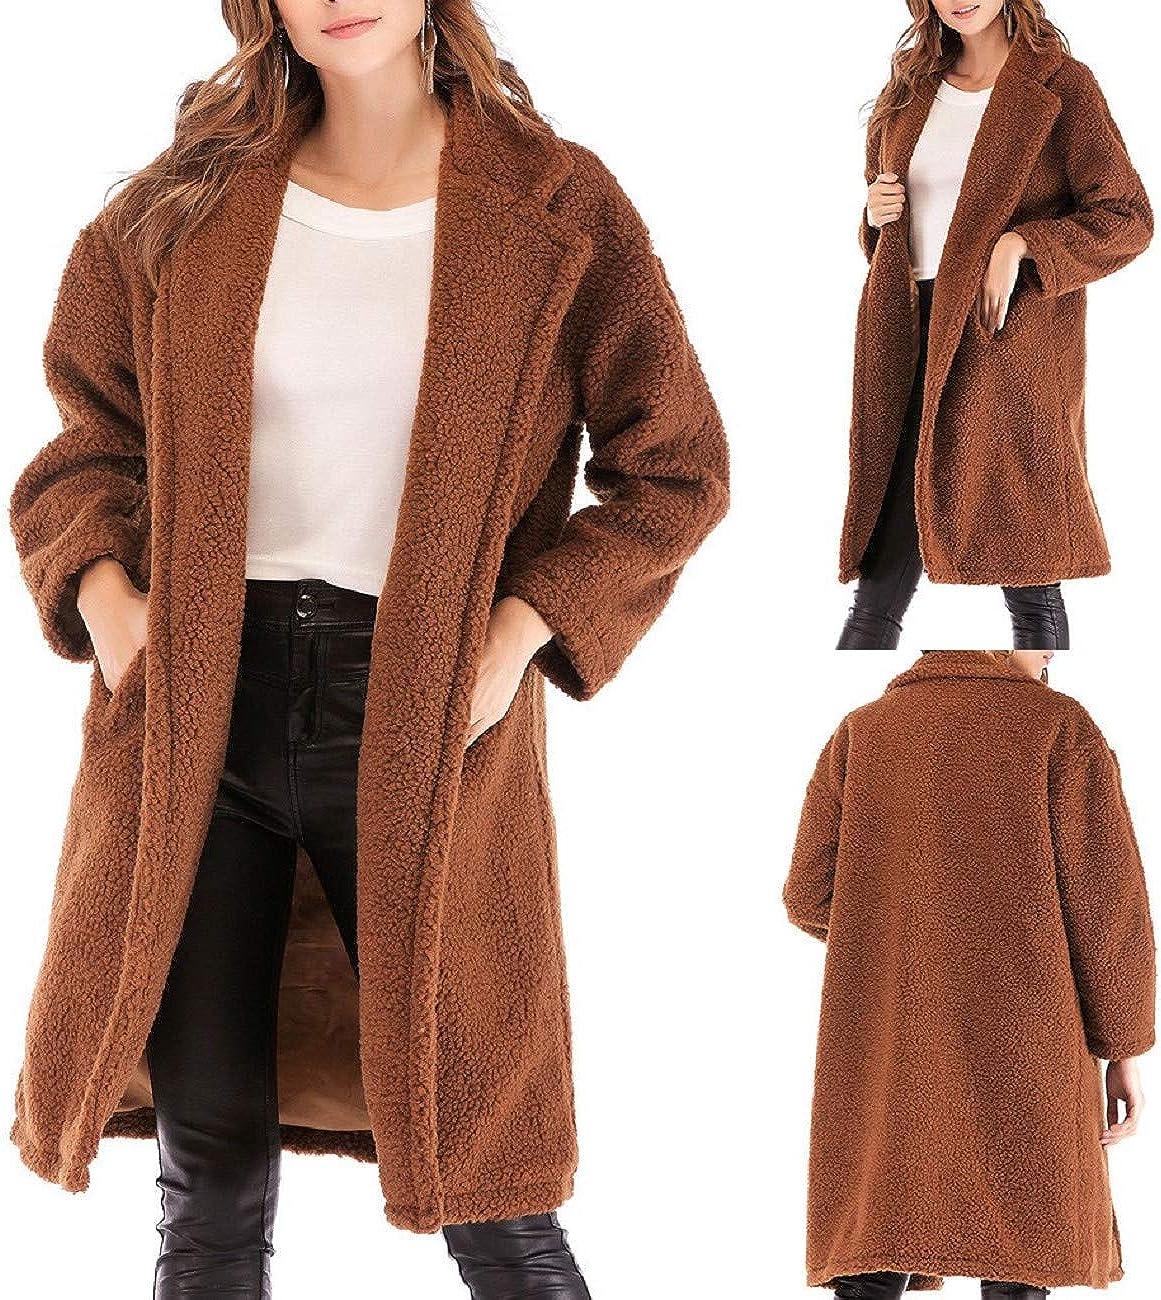 FAPIZI Womens Winter Coat Fashion Leopard Printed Long Sleeve Open Front Cardigans Jacket Warm Faux Fur Outwear Pocket